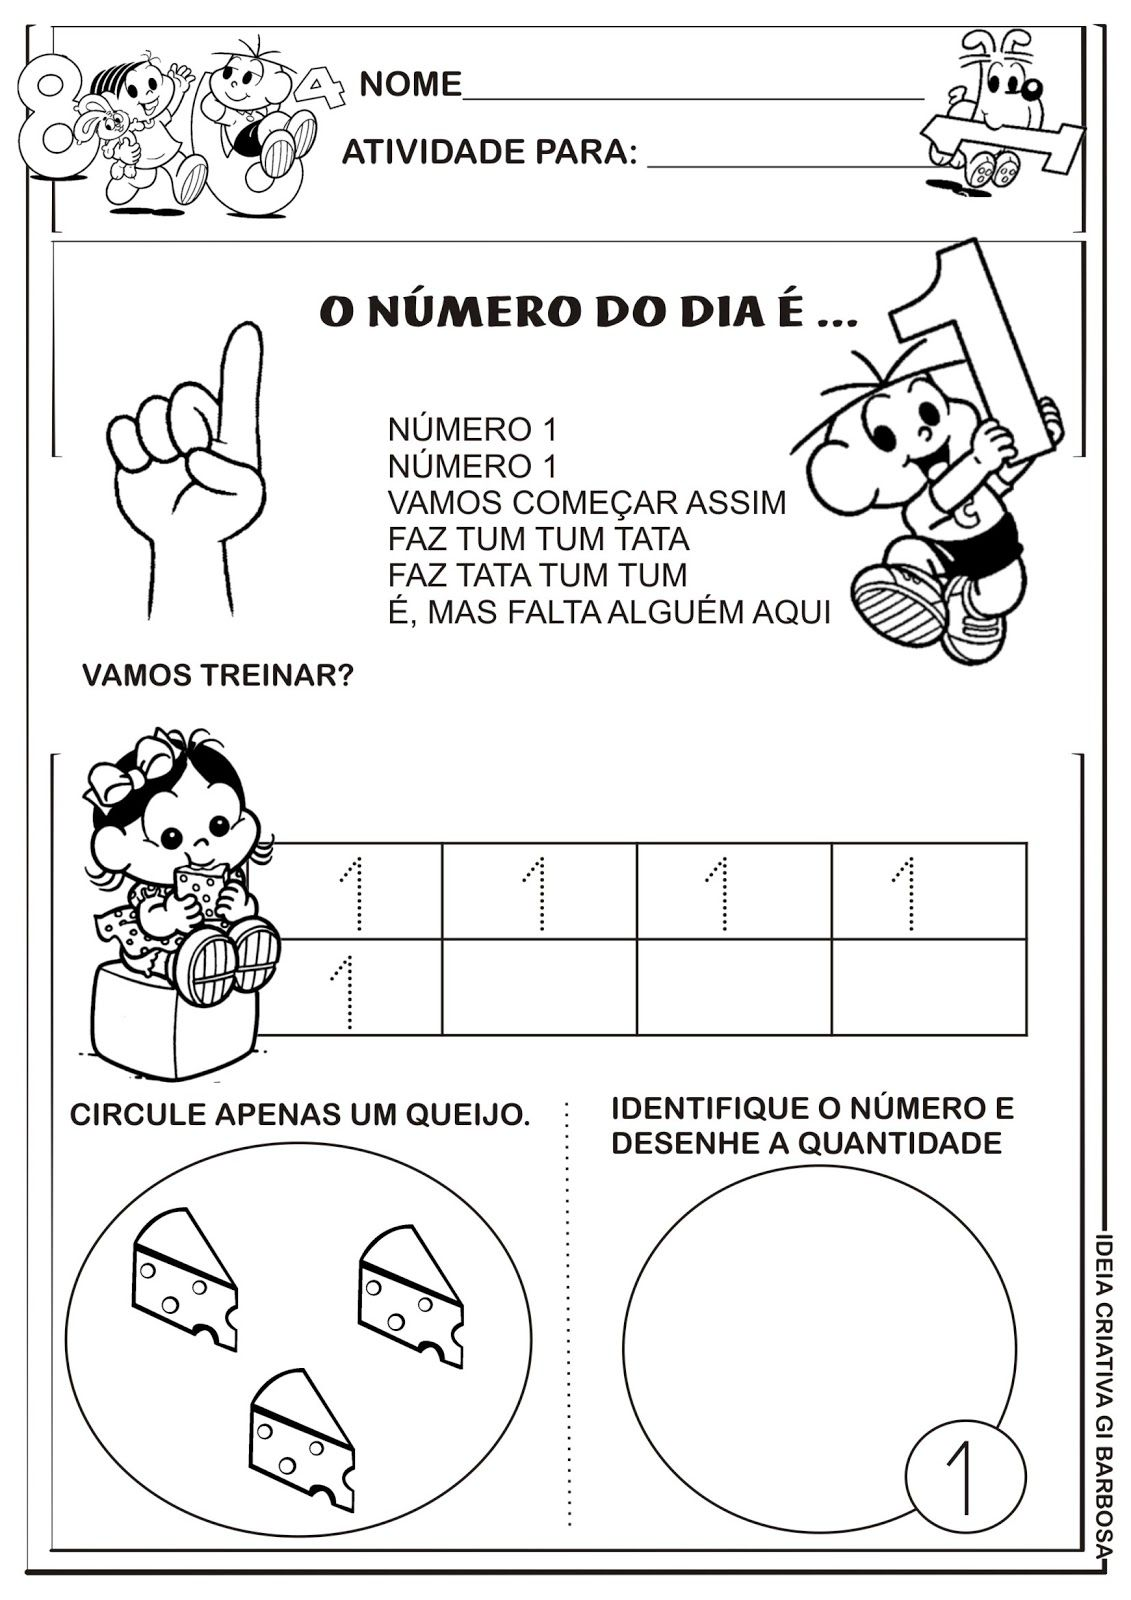 Conhecido Matemática Infantil: Atividades Numerais Educação Infantil  ZB97